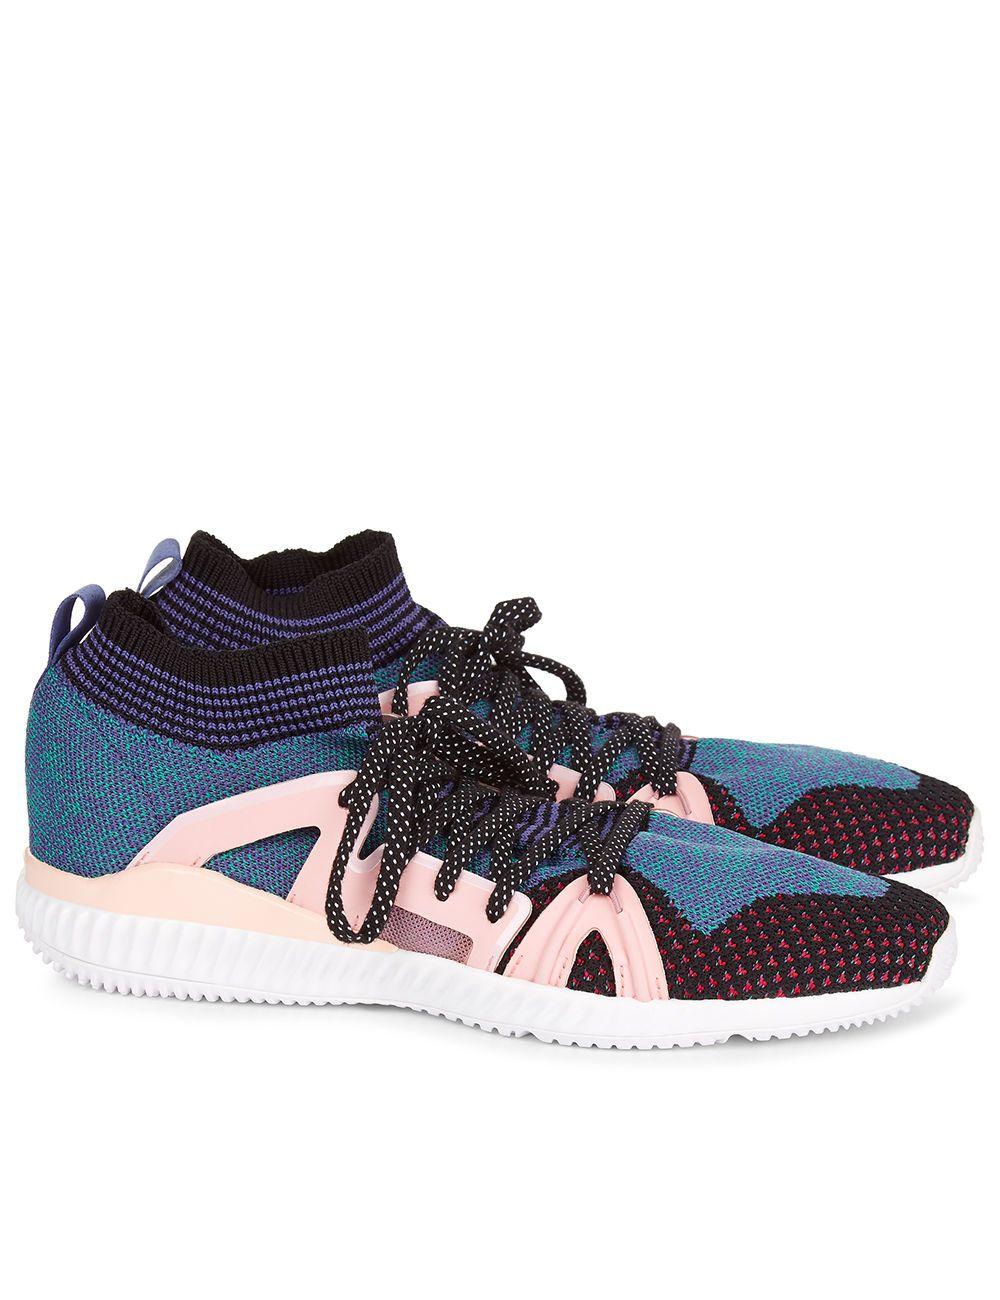 ADIDAS BY STELLA MCCARTNEY Multi Crazy Train Bounce Trainers.   adidasbystellamccartney  shoes  trainers 988d4fed9